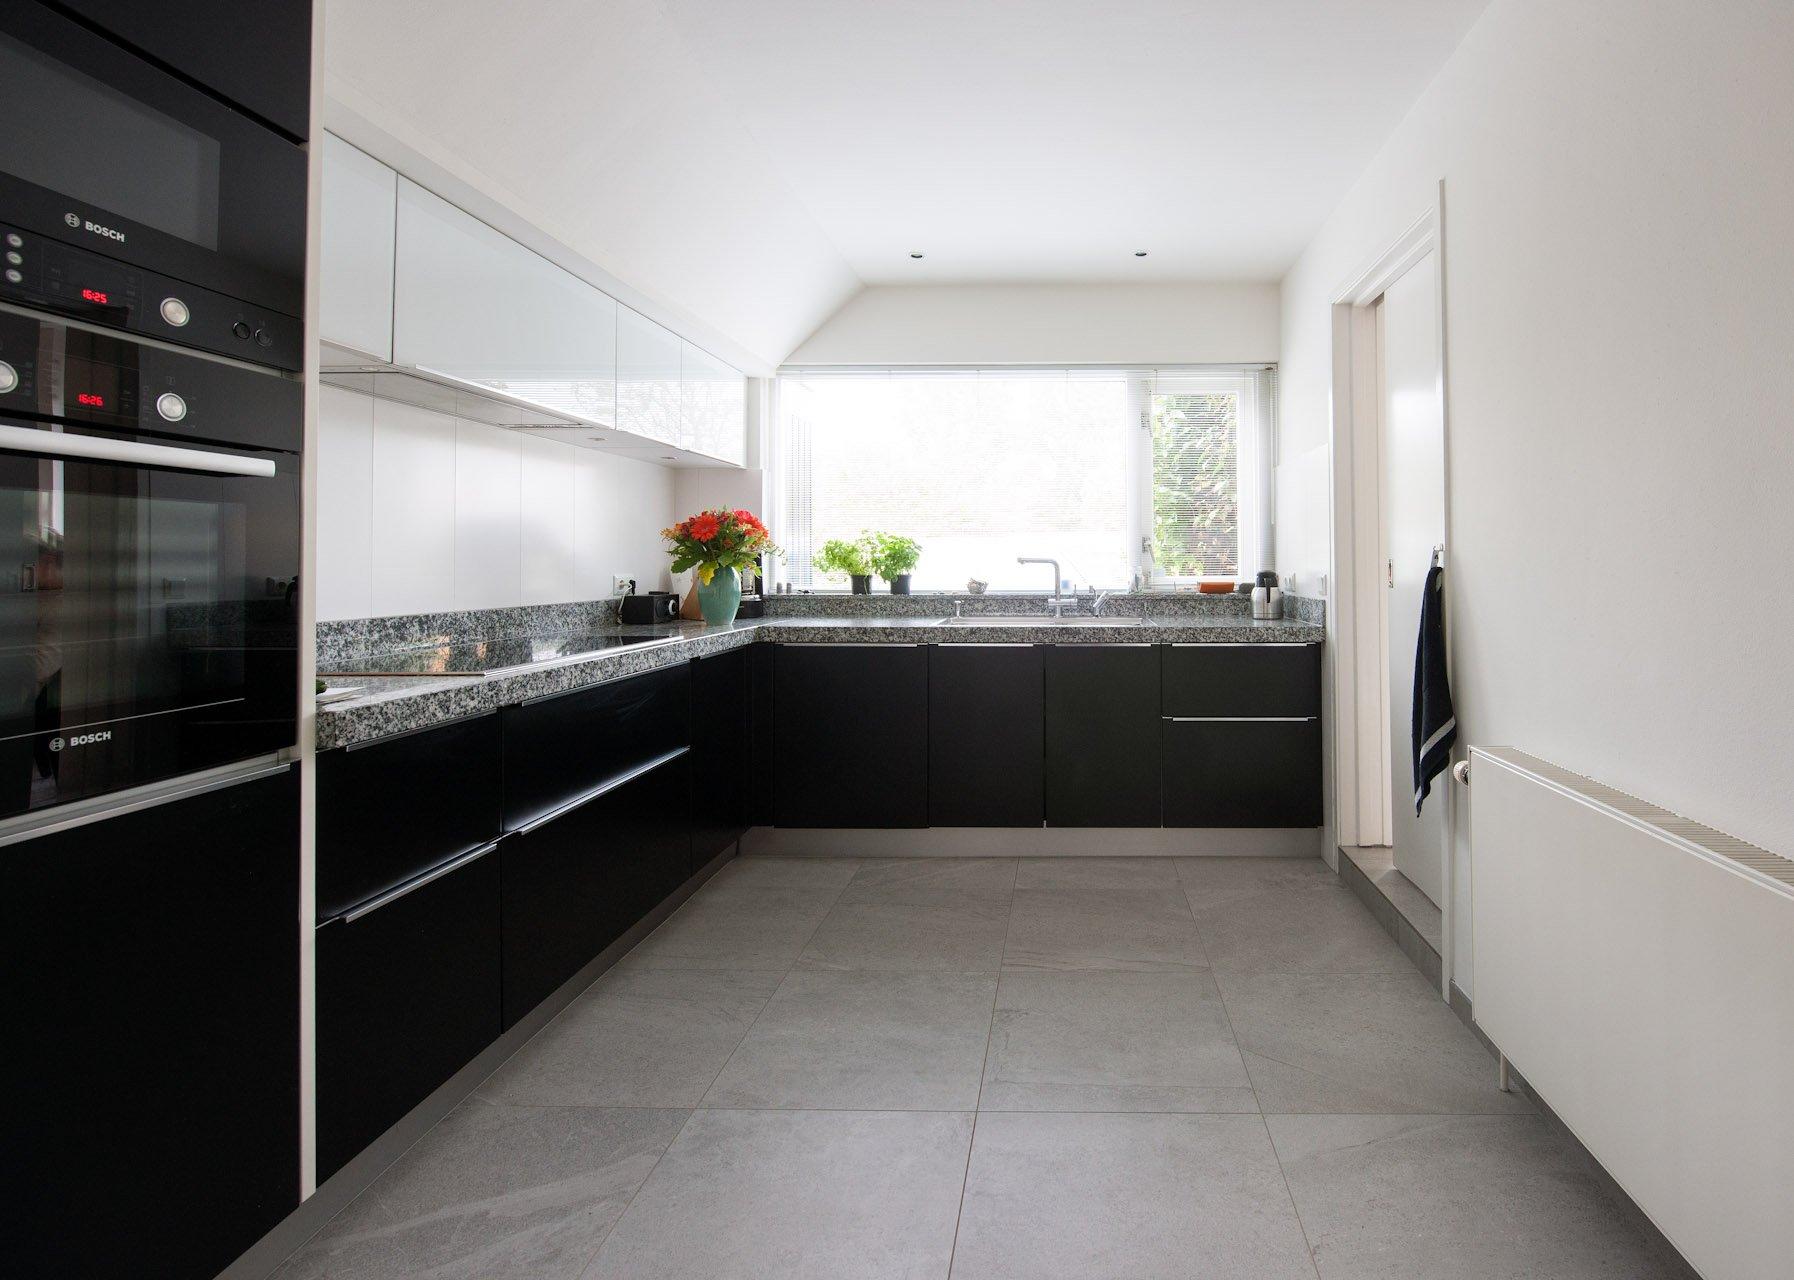 Keukentegels wandtegels voor in de keuken  KROON